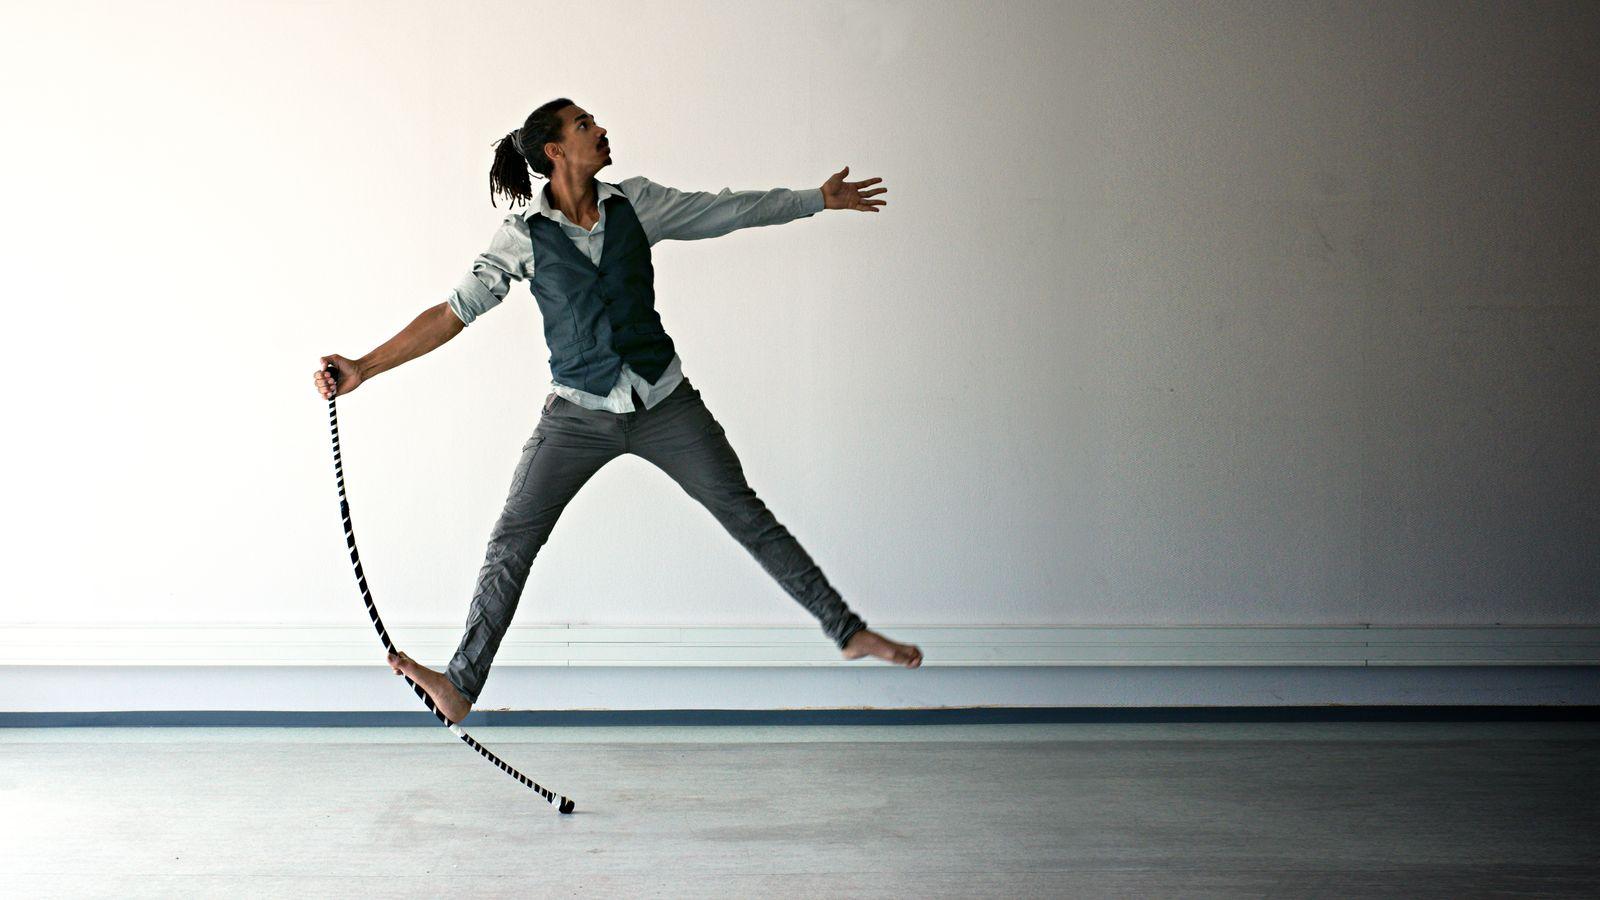 Jean-Souleymane fait une étoile à l'acrostaff. Cet acrobate au pieds-nus et en chemise a un pied sur le staff et étire son corps dans toutes les directions.